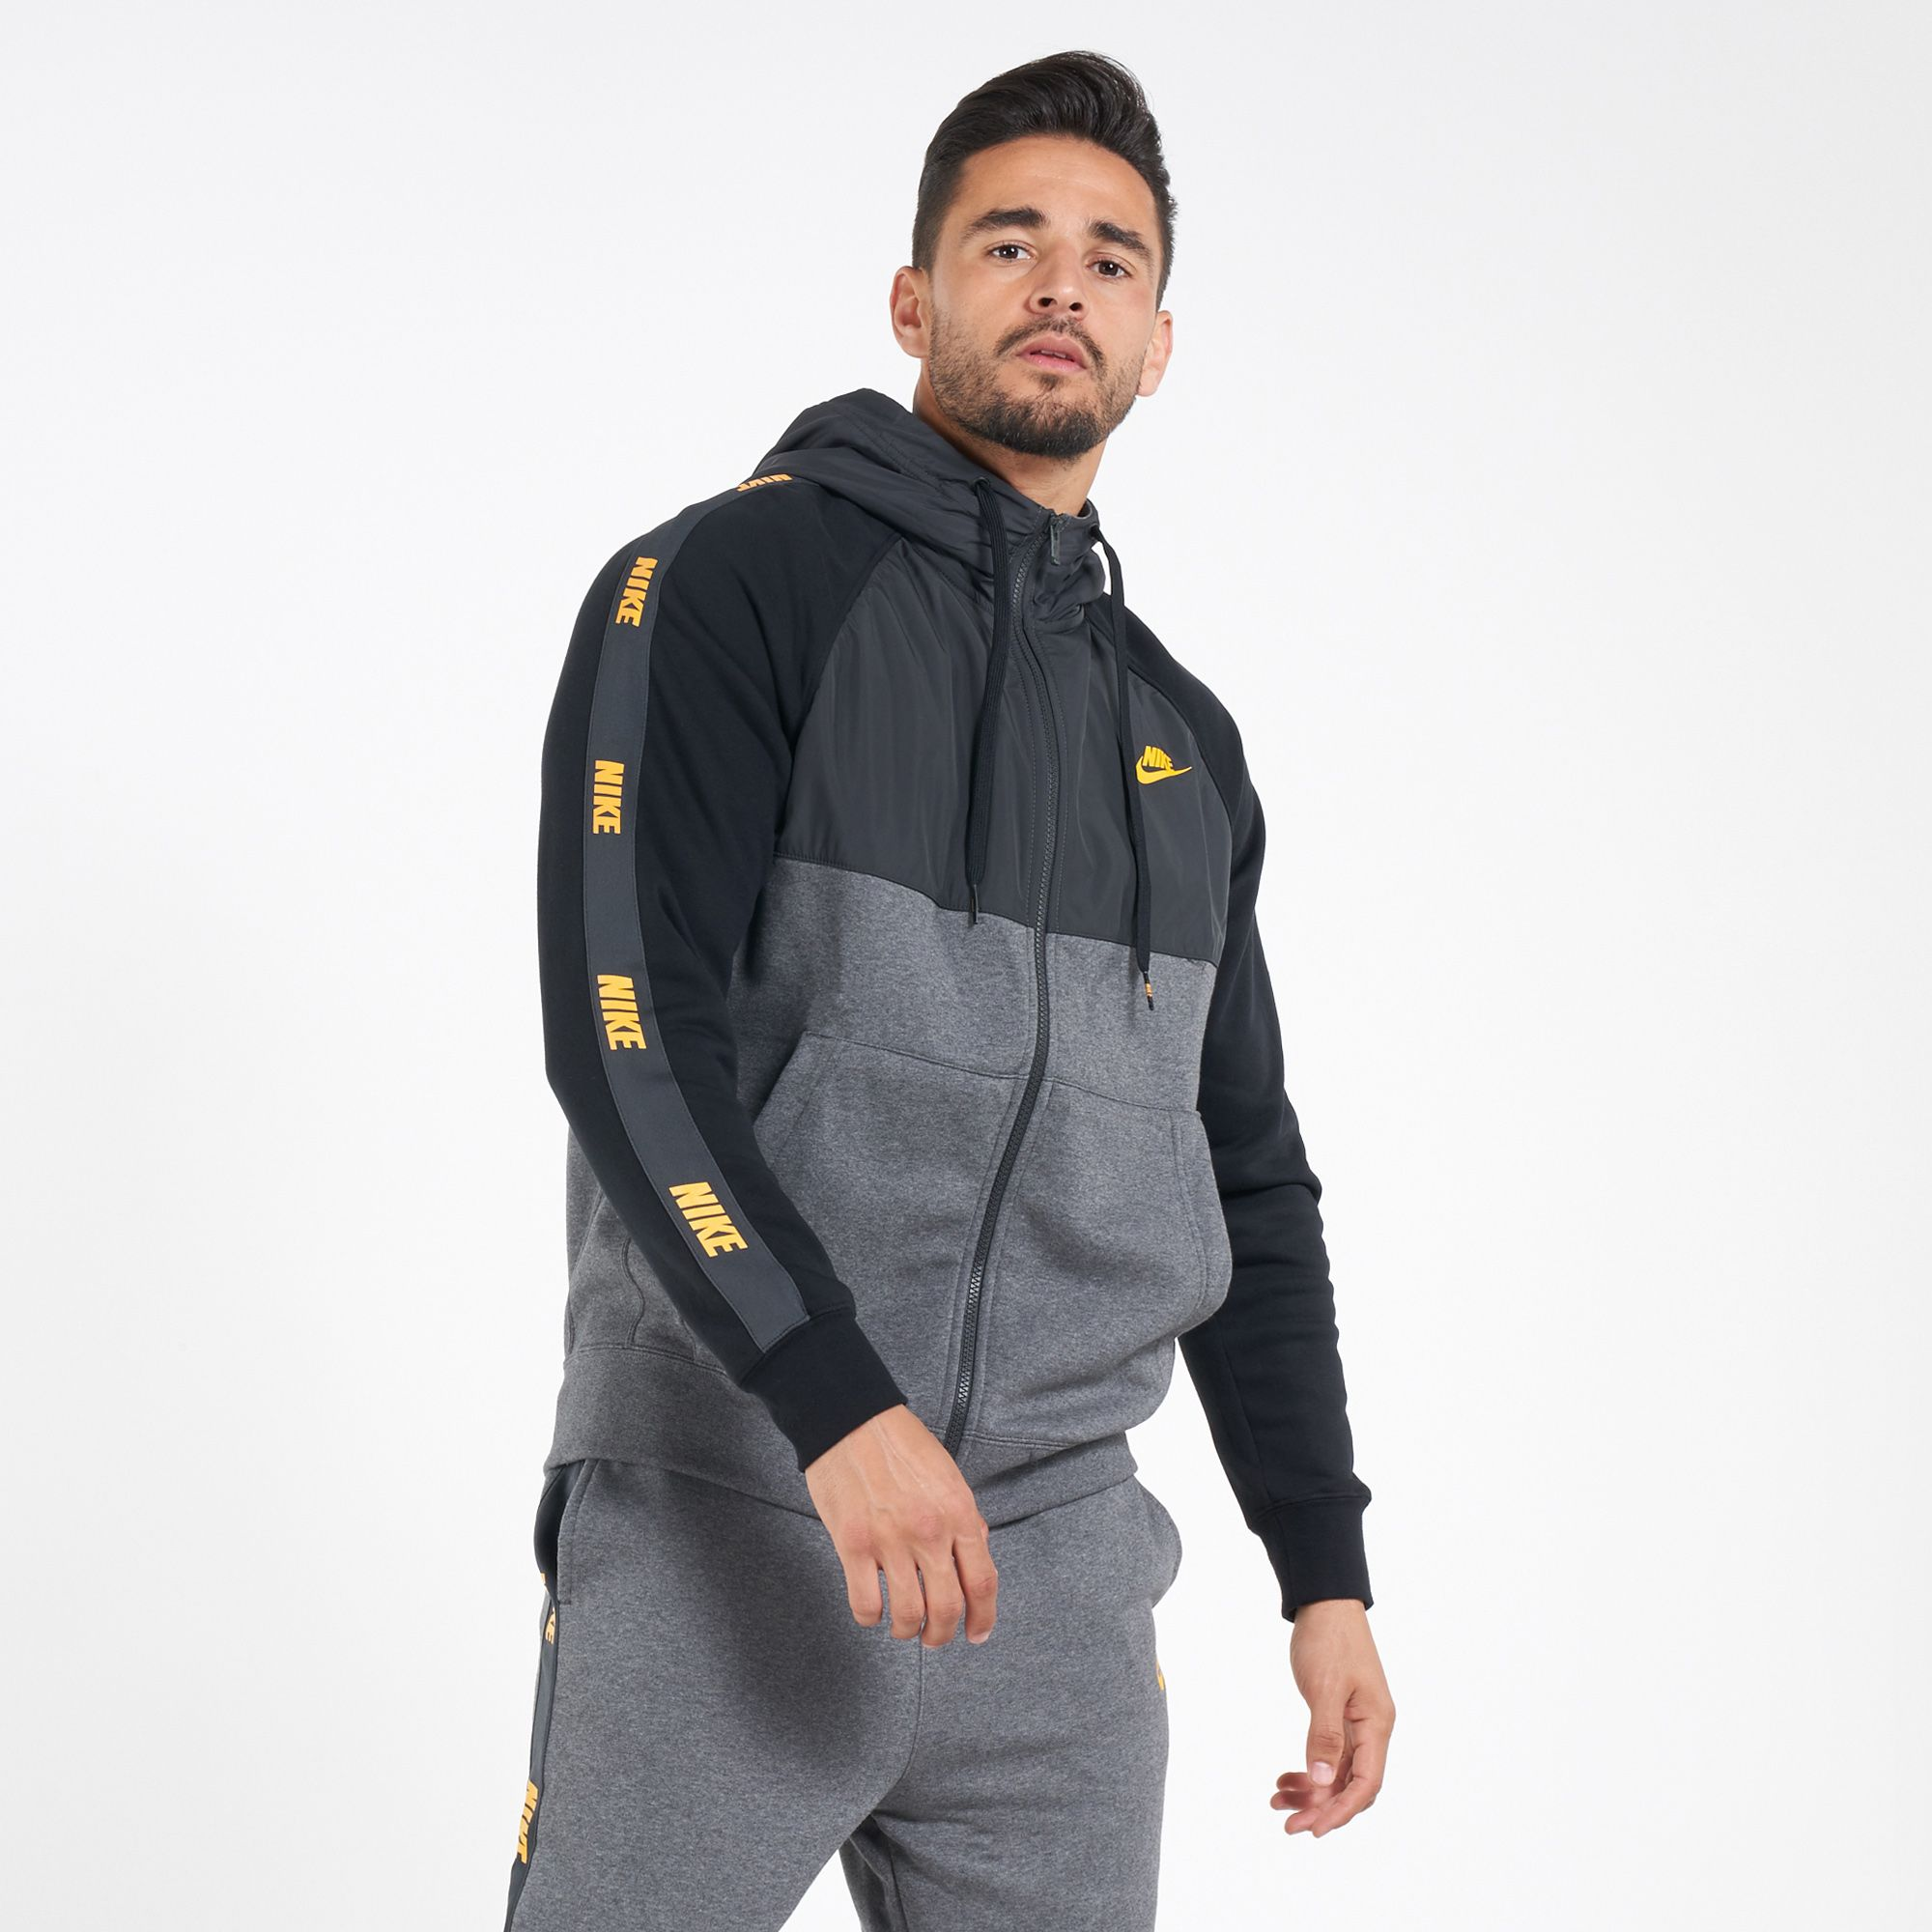 Búsqueda Maduro radiador  Nike Men's Sportswear Hybrid Hoodie | Hoodies | Hoodies and Sweatshirts |  Clothing | Men's Sale | KSA Sale | SSS